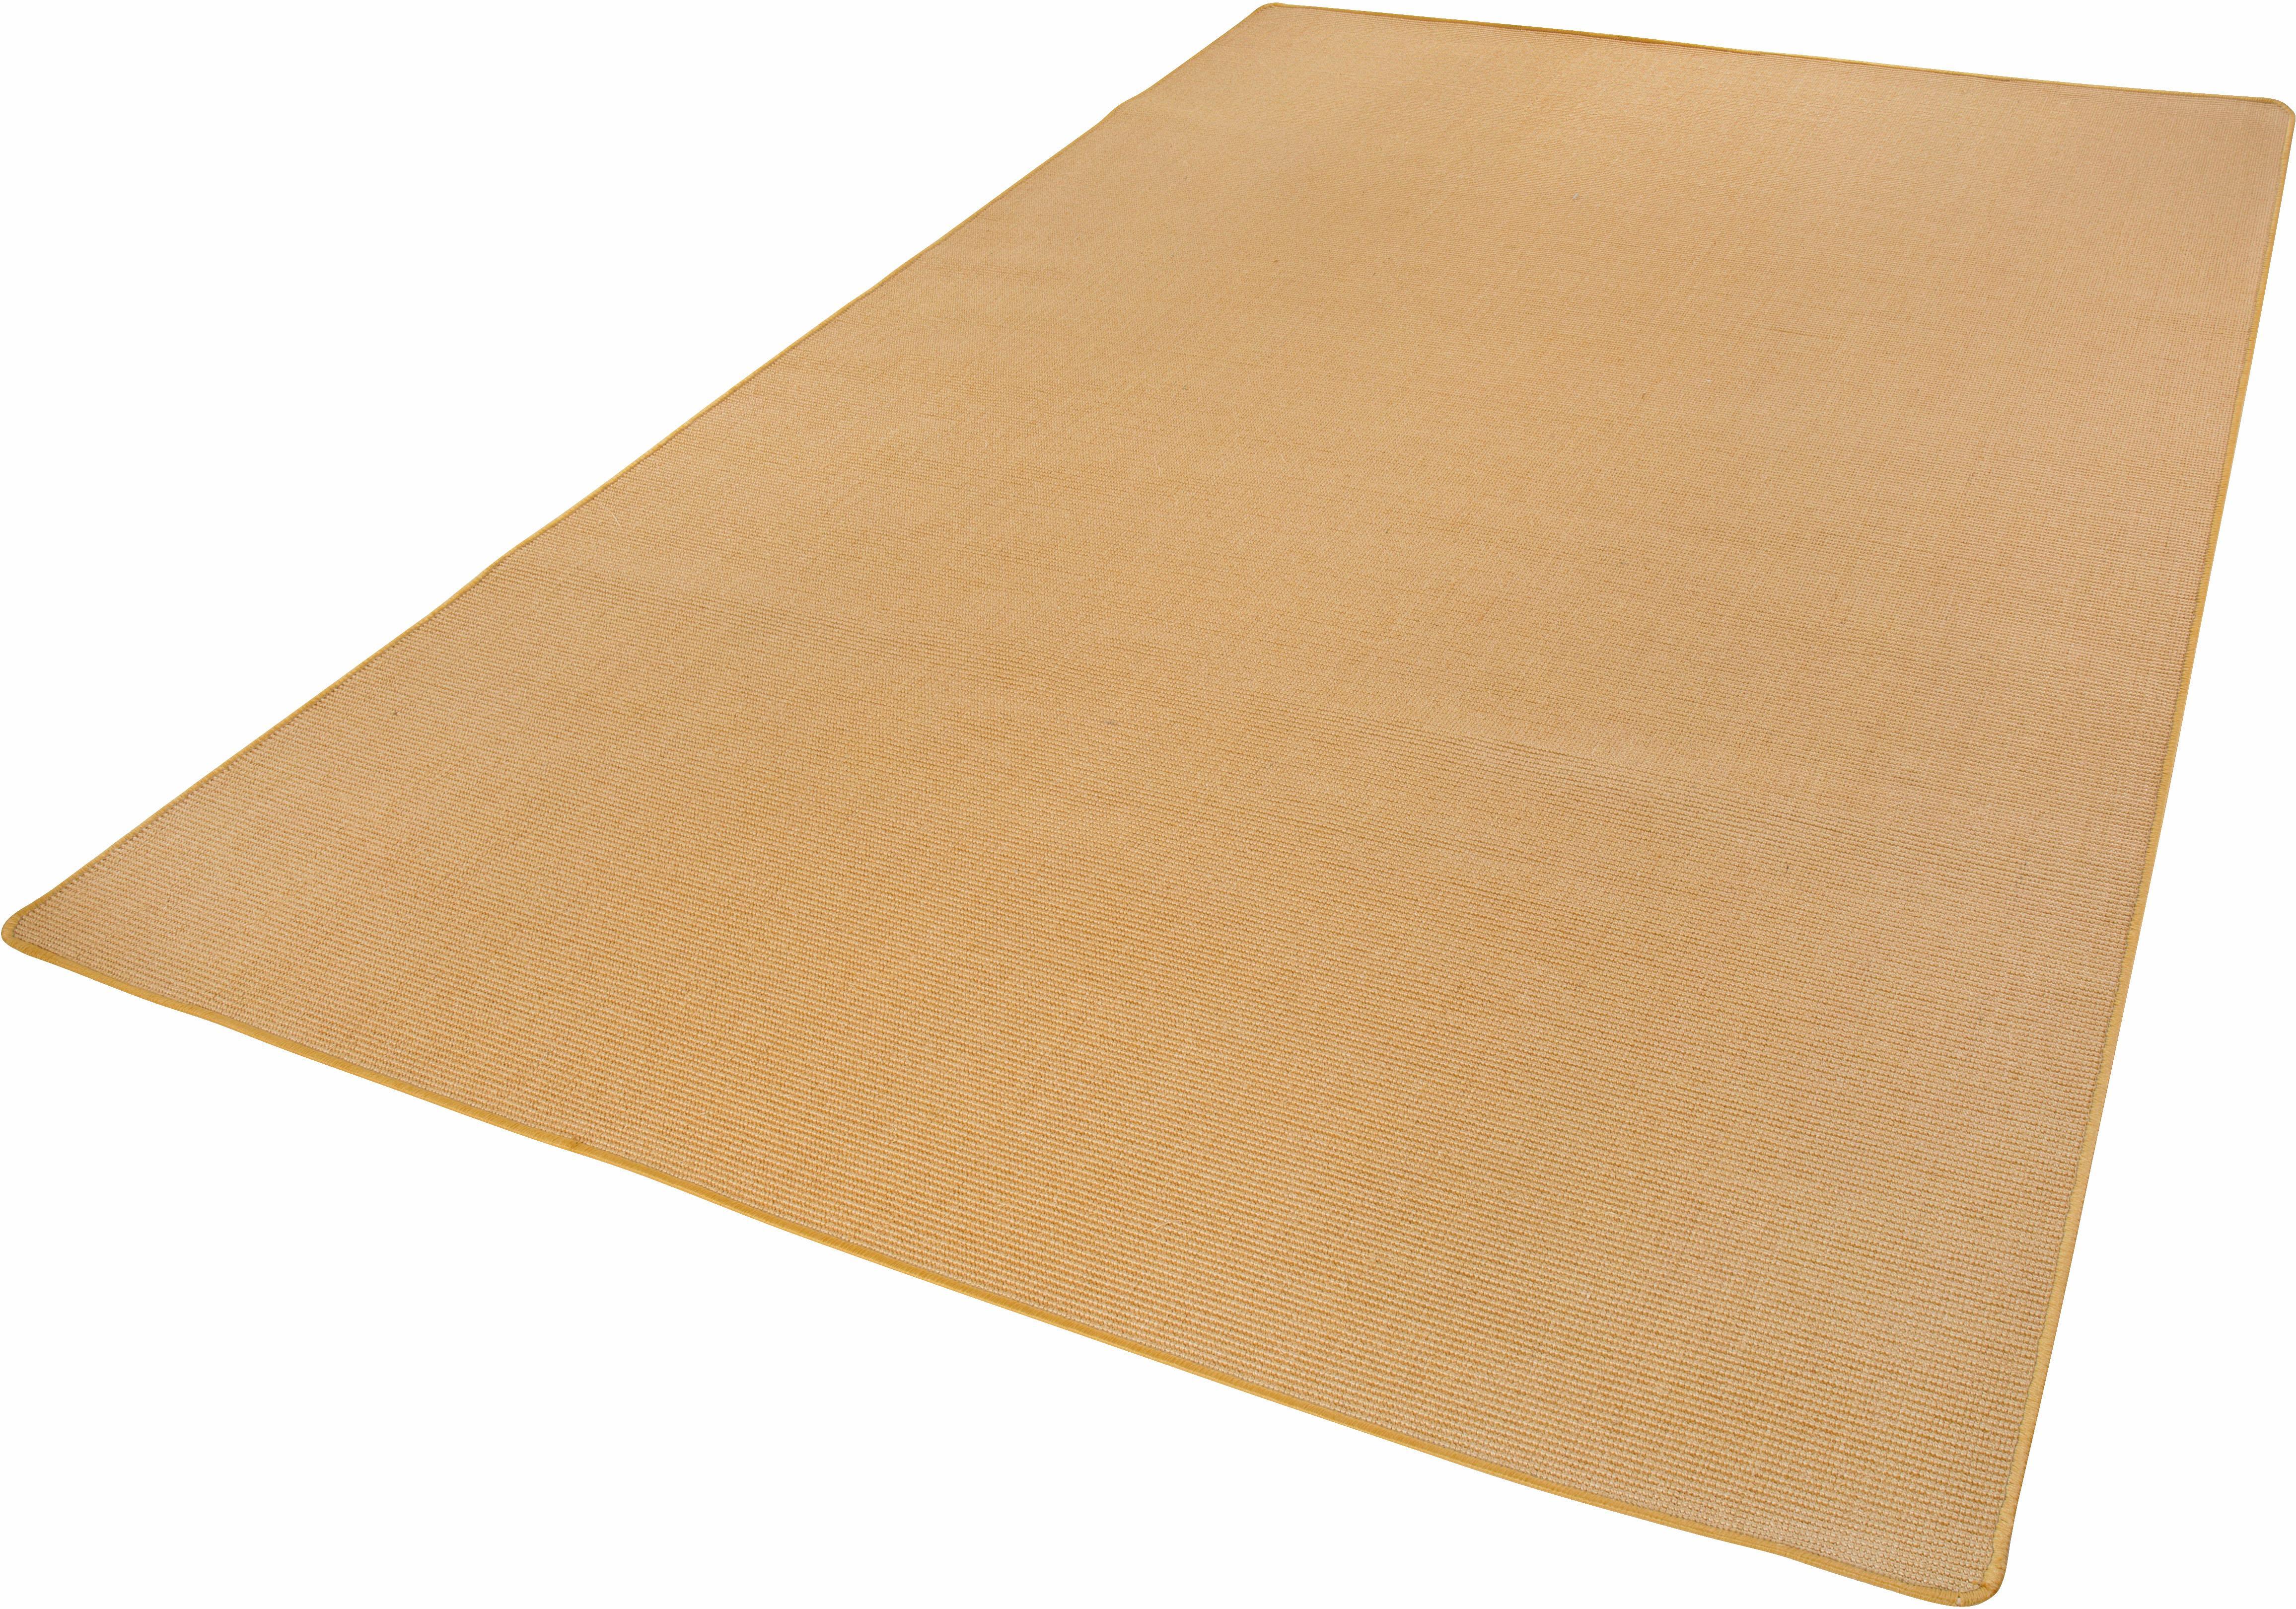 Sisalteppich Sisal Andiamo rechteckig Höhe 5 mm maschinell gewebt